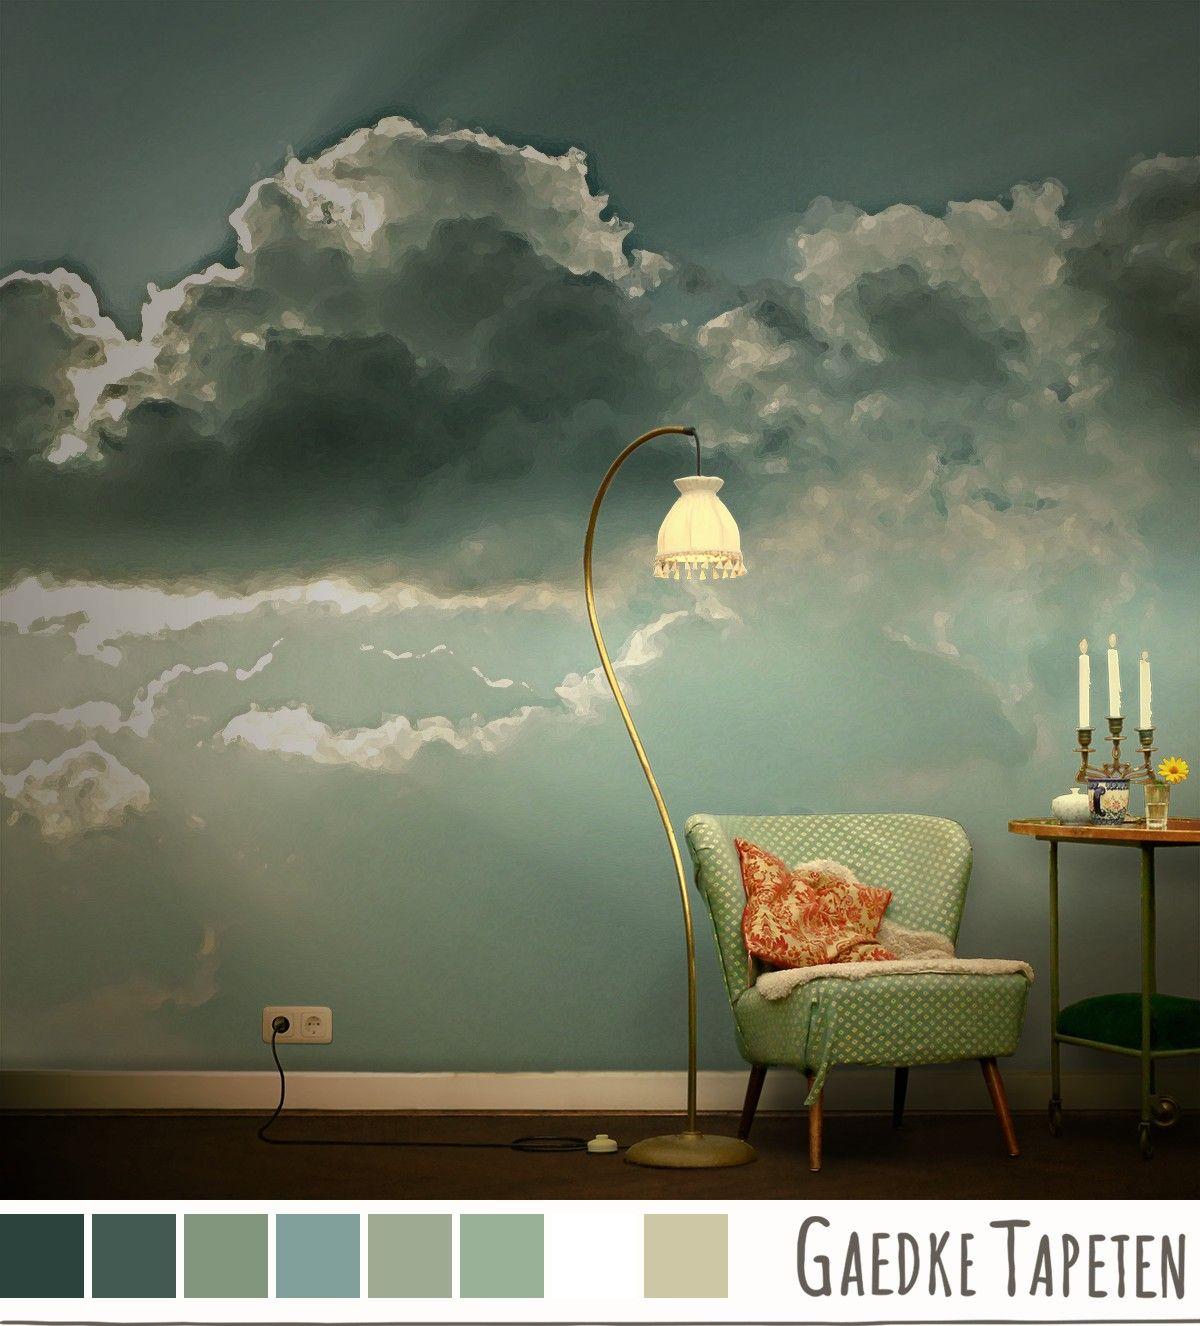 eure schönsten wolkenfotos als tapete. | wolken tapeten | pinterest